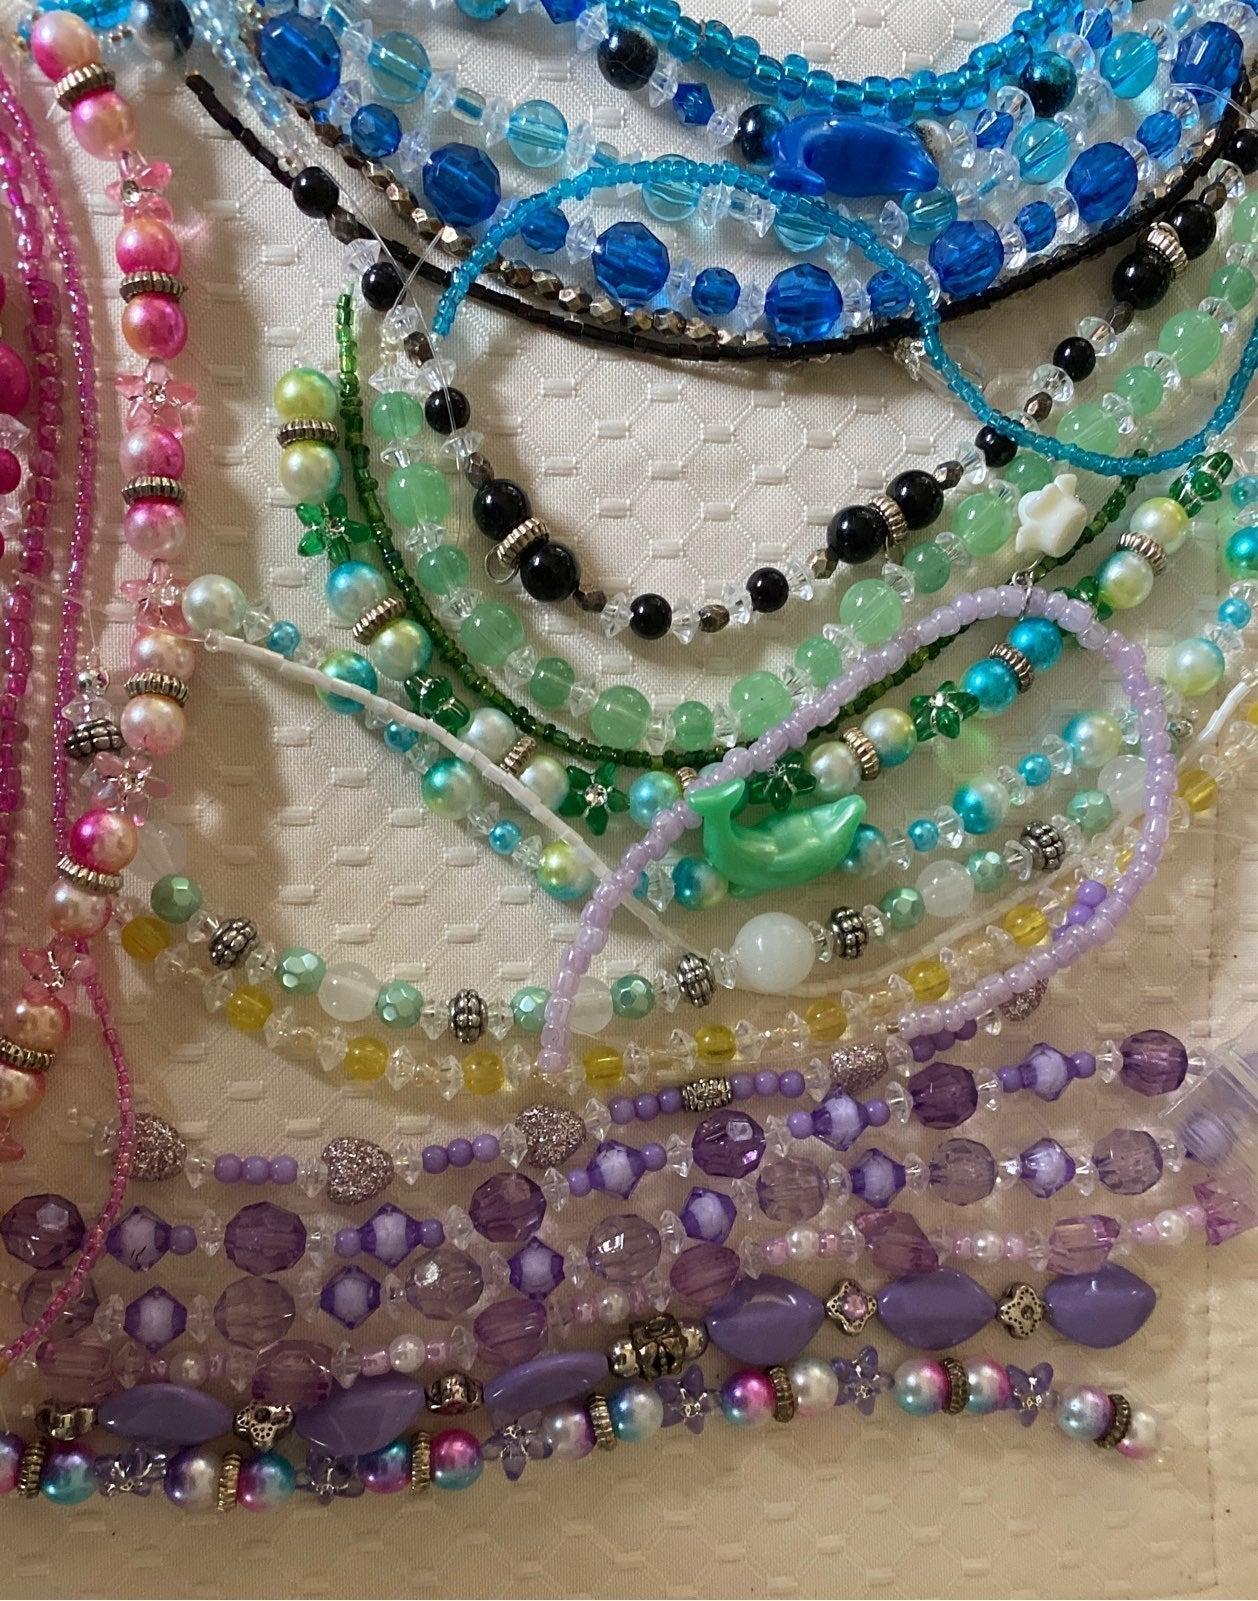 Blind box DyI surprise bracelet kit